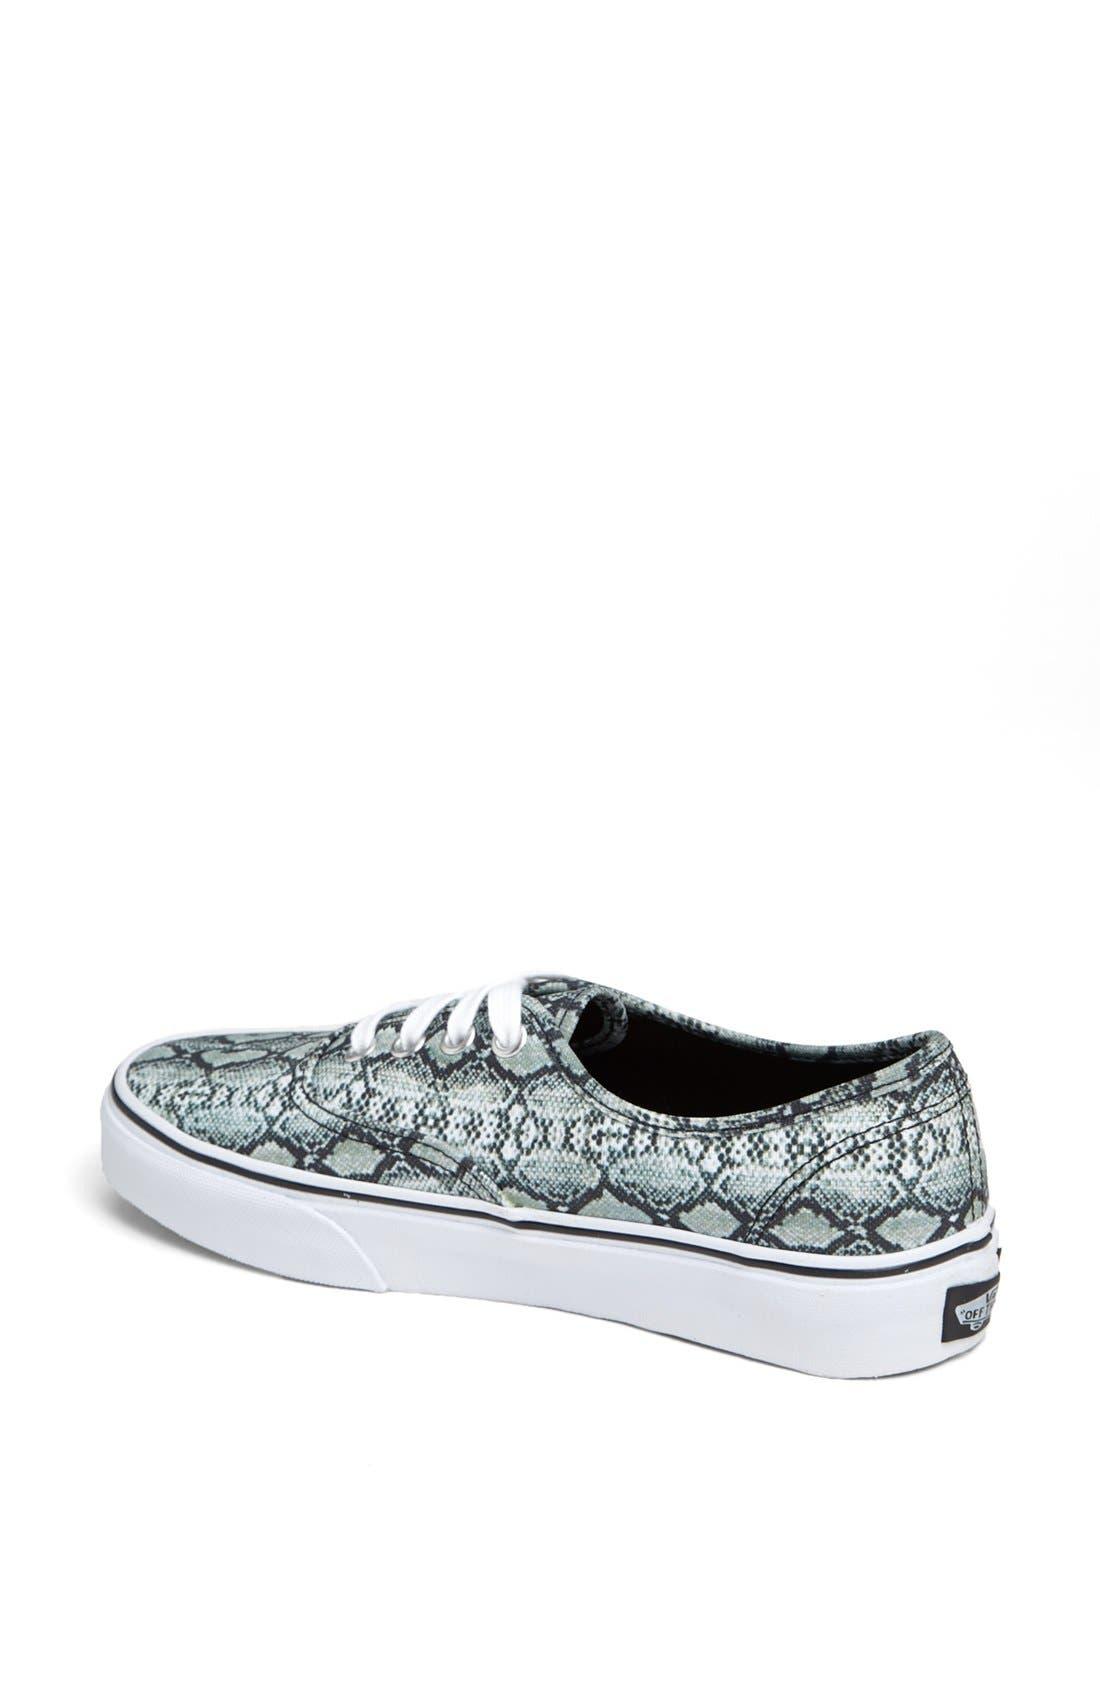 Alternate Image 2  - Vans 'Authentic - Snake Print' Sneaker (Women)